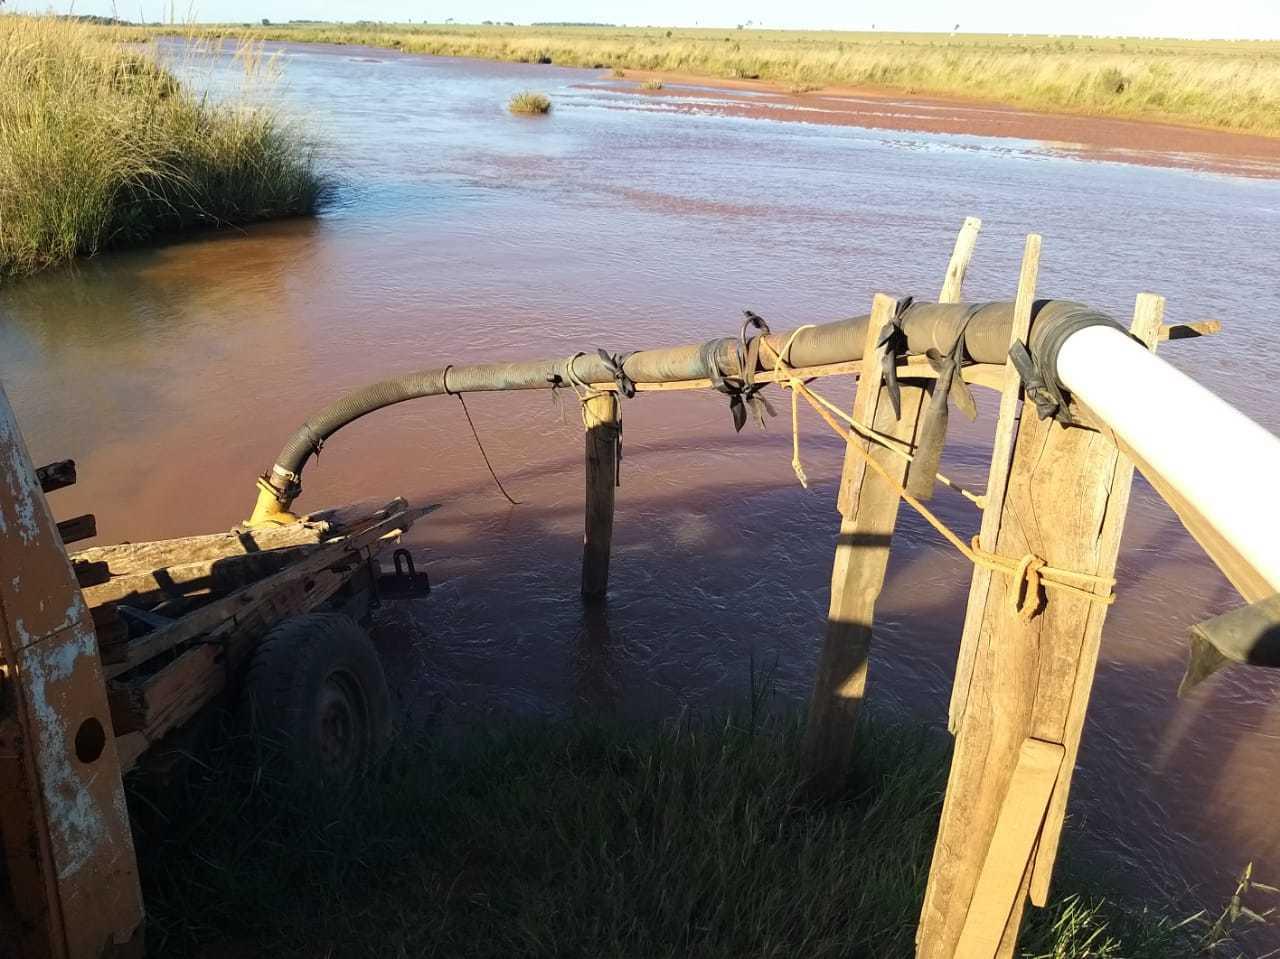 Canos levando o material até um depósito à margem do curso d'água, ou diretamente nos veículos de transporte (Foto: Divulgação)